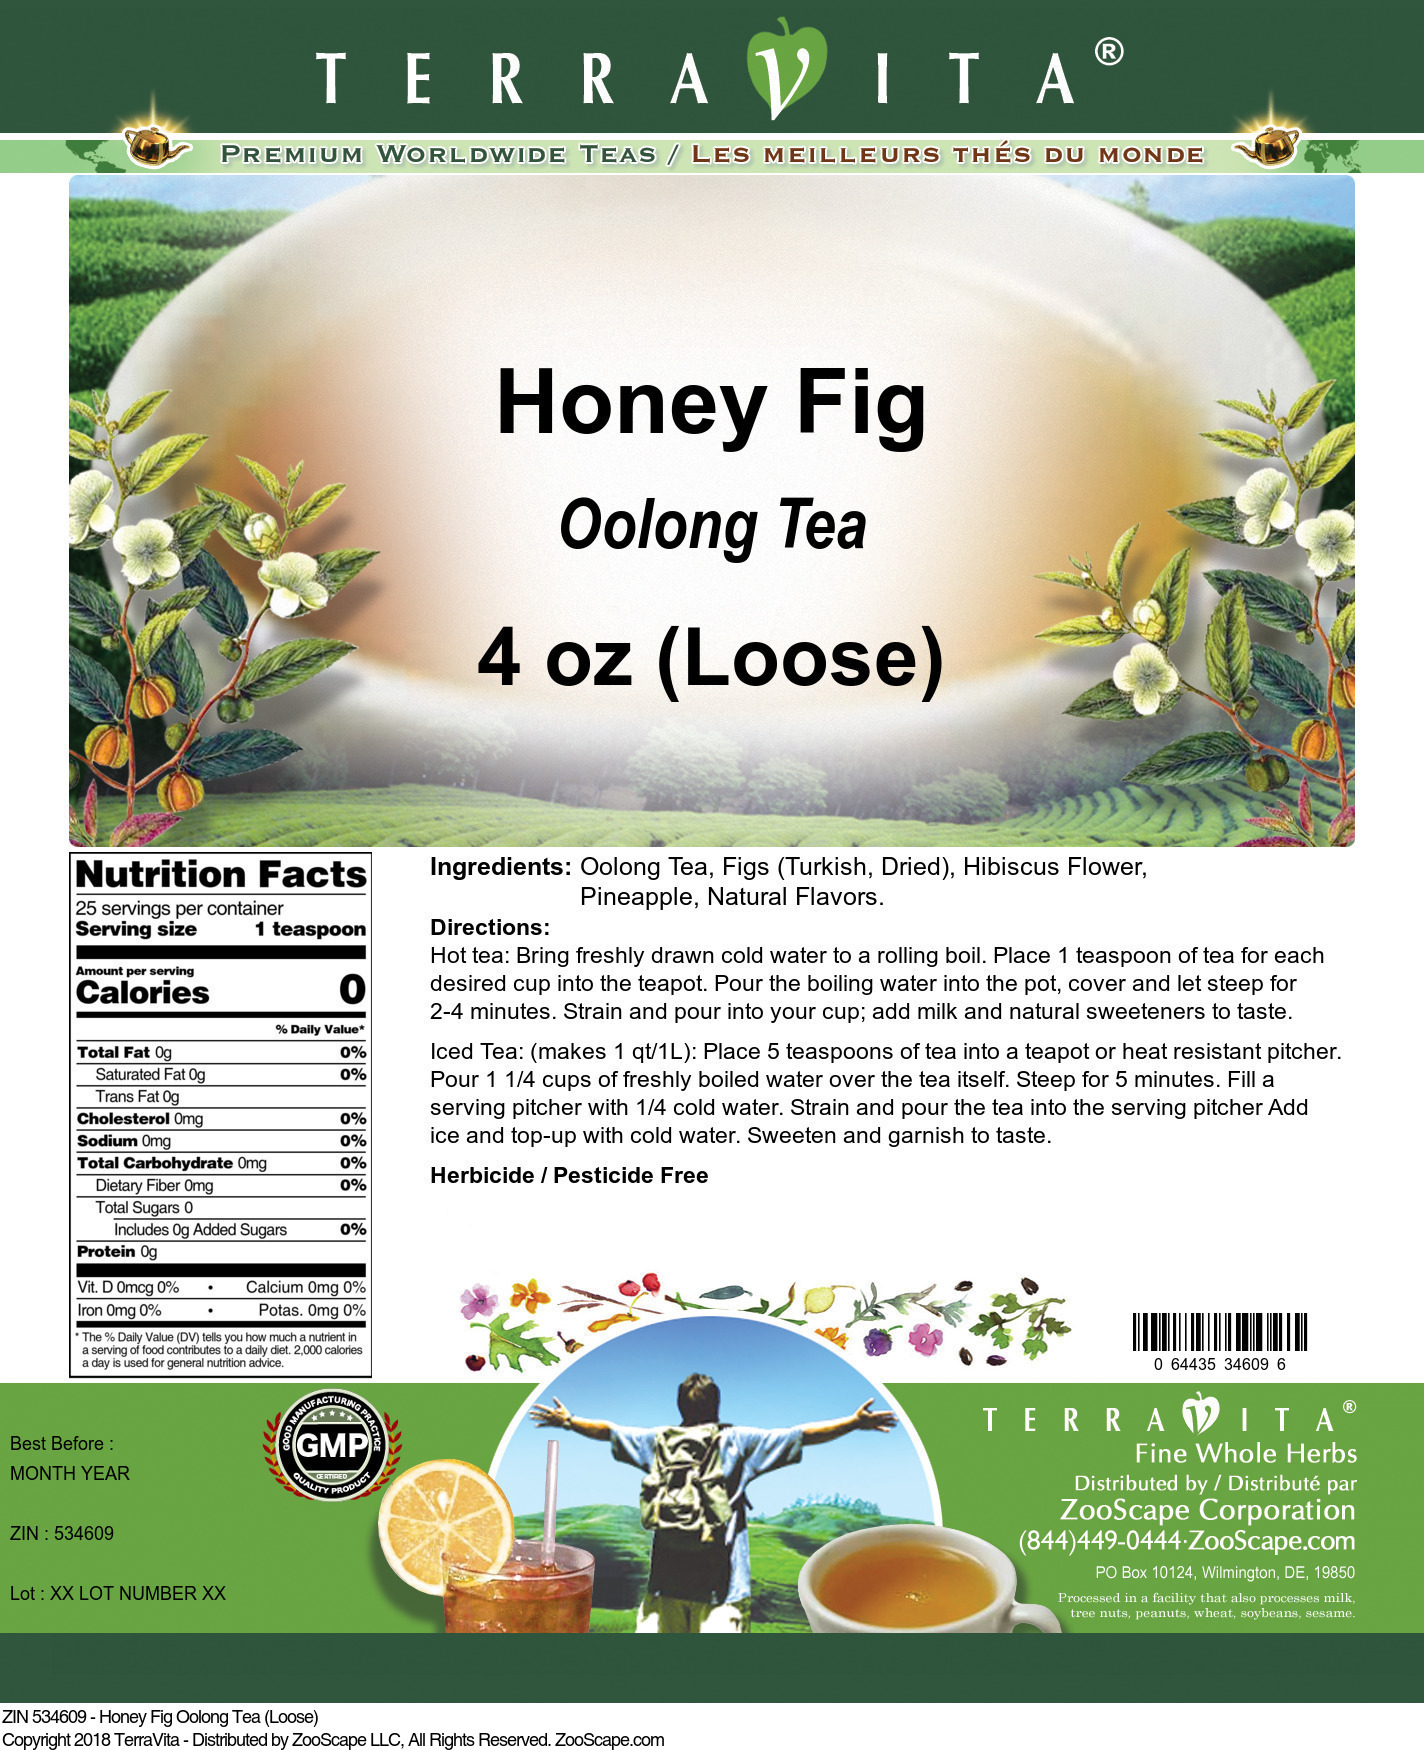 Honey Fig Oolong Tea (Loose)